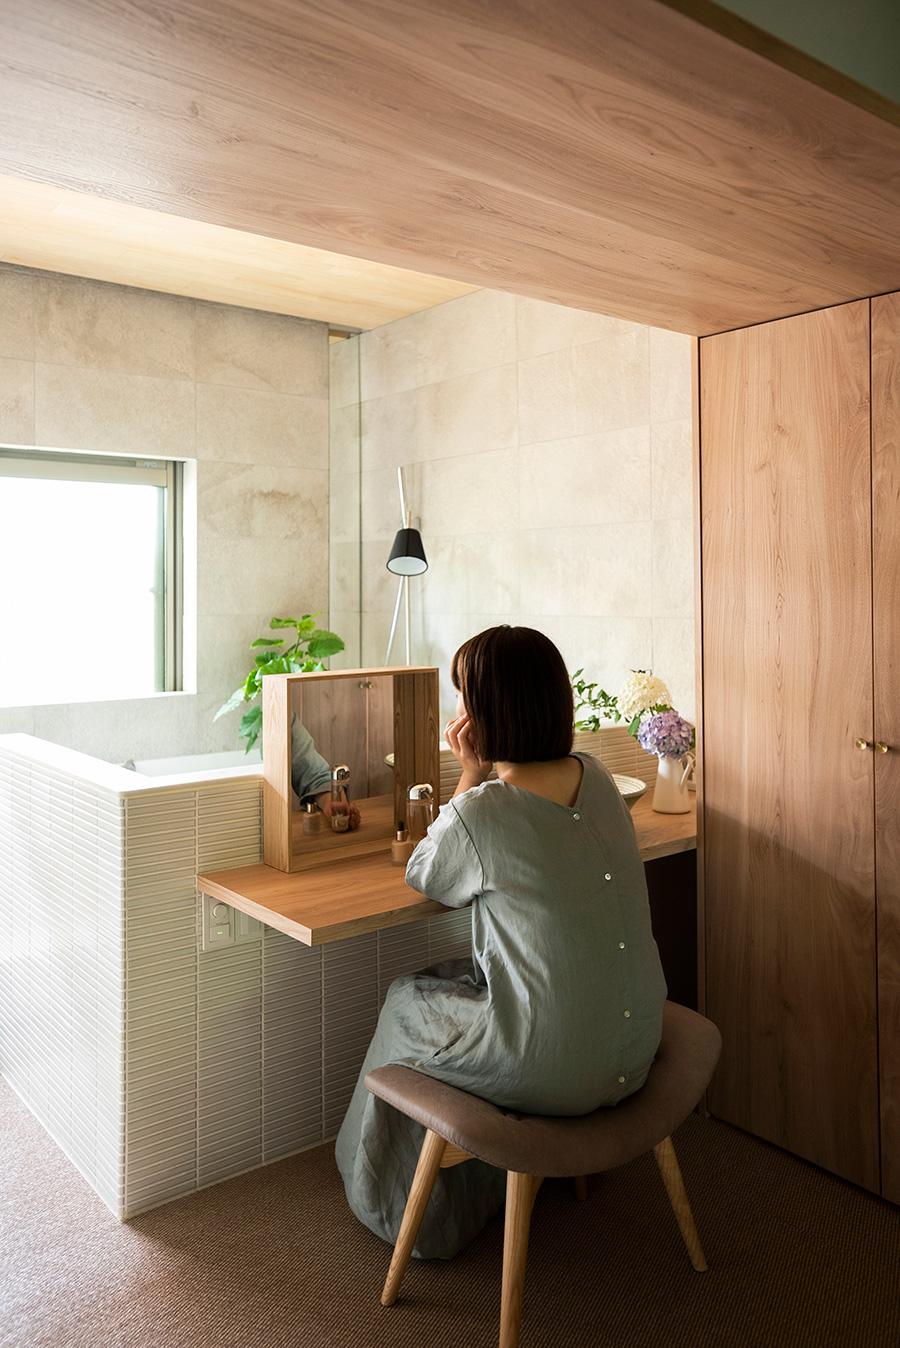 造作したカウンターは、普段はメイクコーナーに。手洗い鉢があると便利。